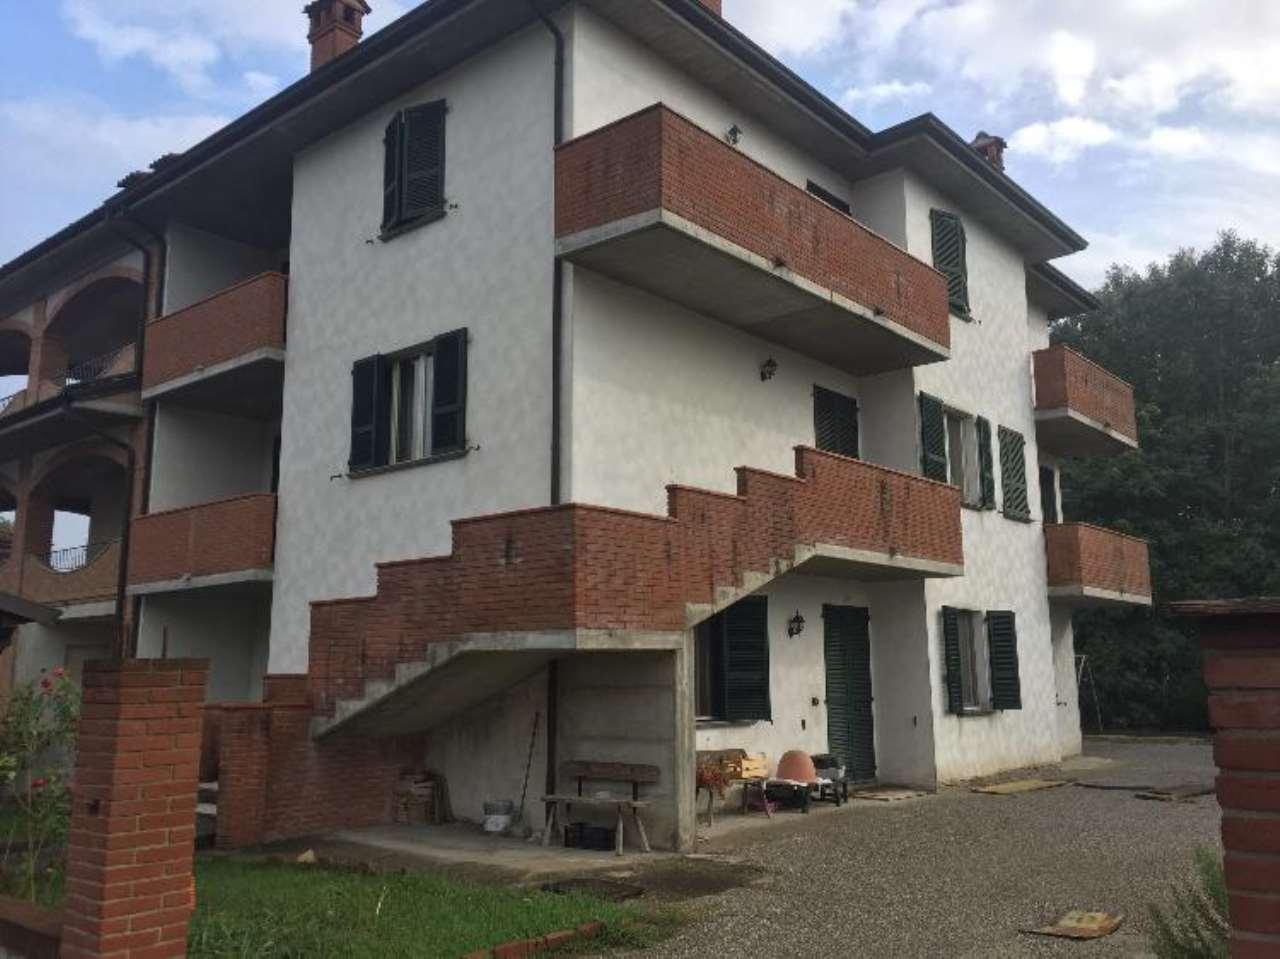 Villa Bifamiliare in vendita a Castelvetro Piacentino, 5 locali, prezzo € 330.000 | CambioCasa.it